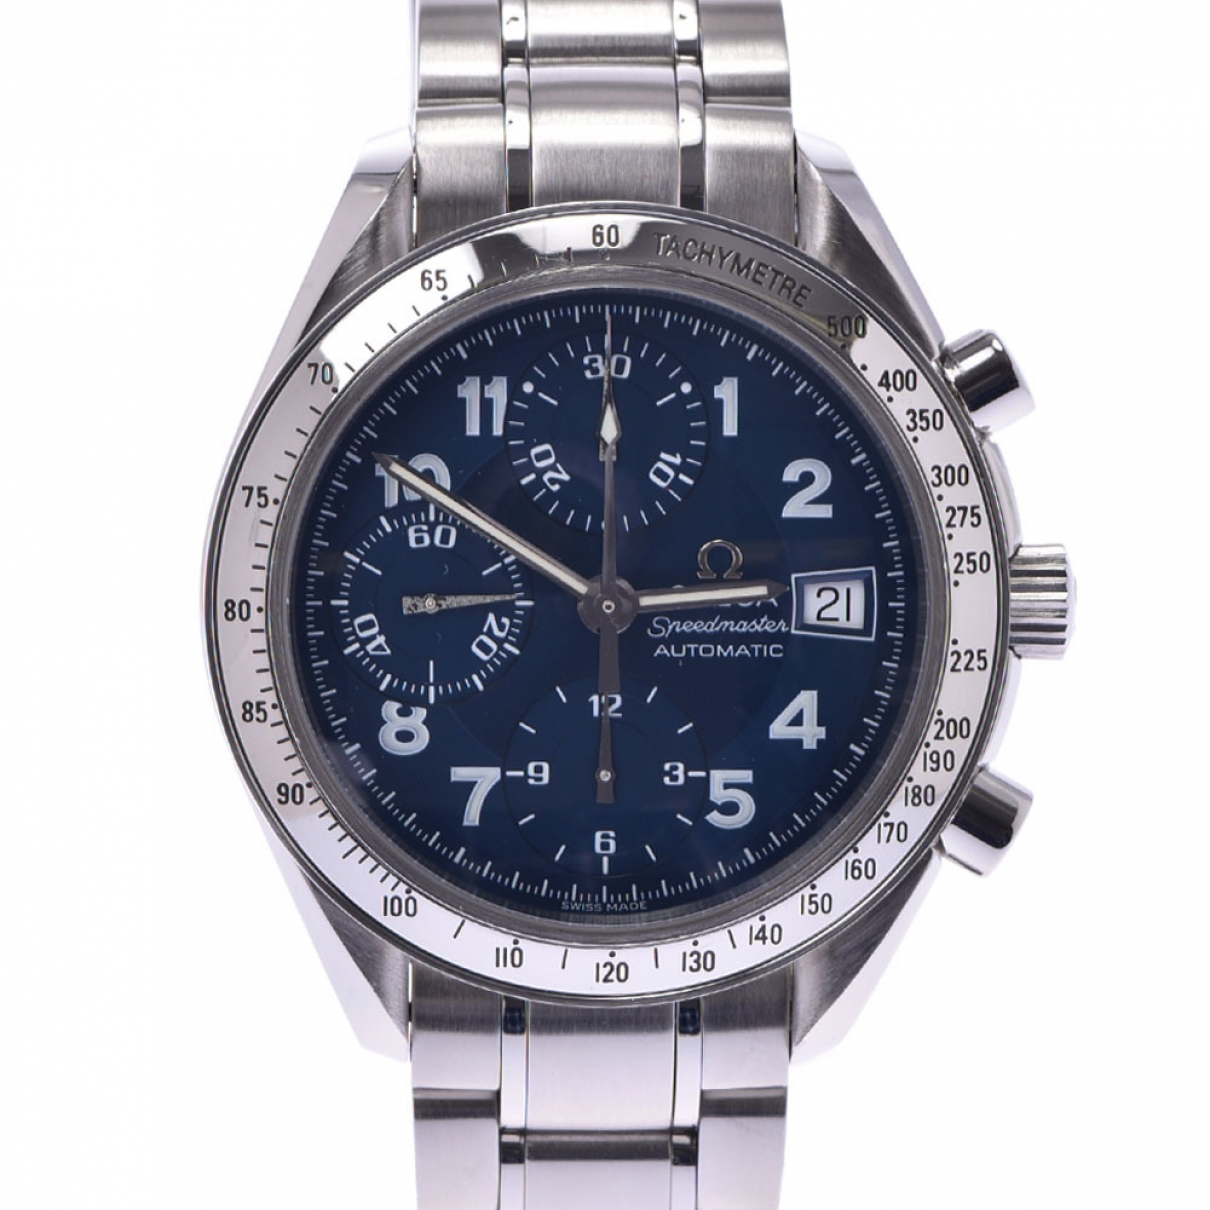 Reloj Speedmaster reduced Omega